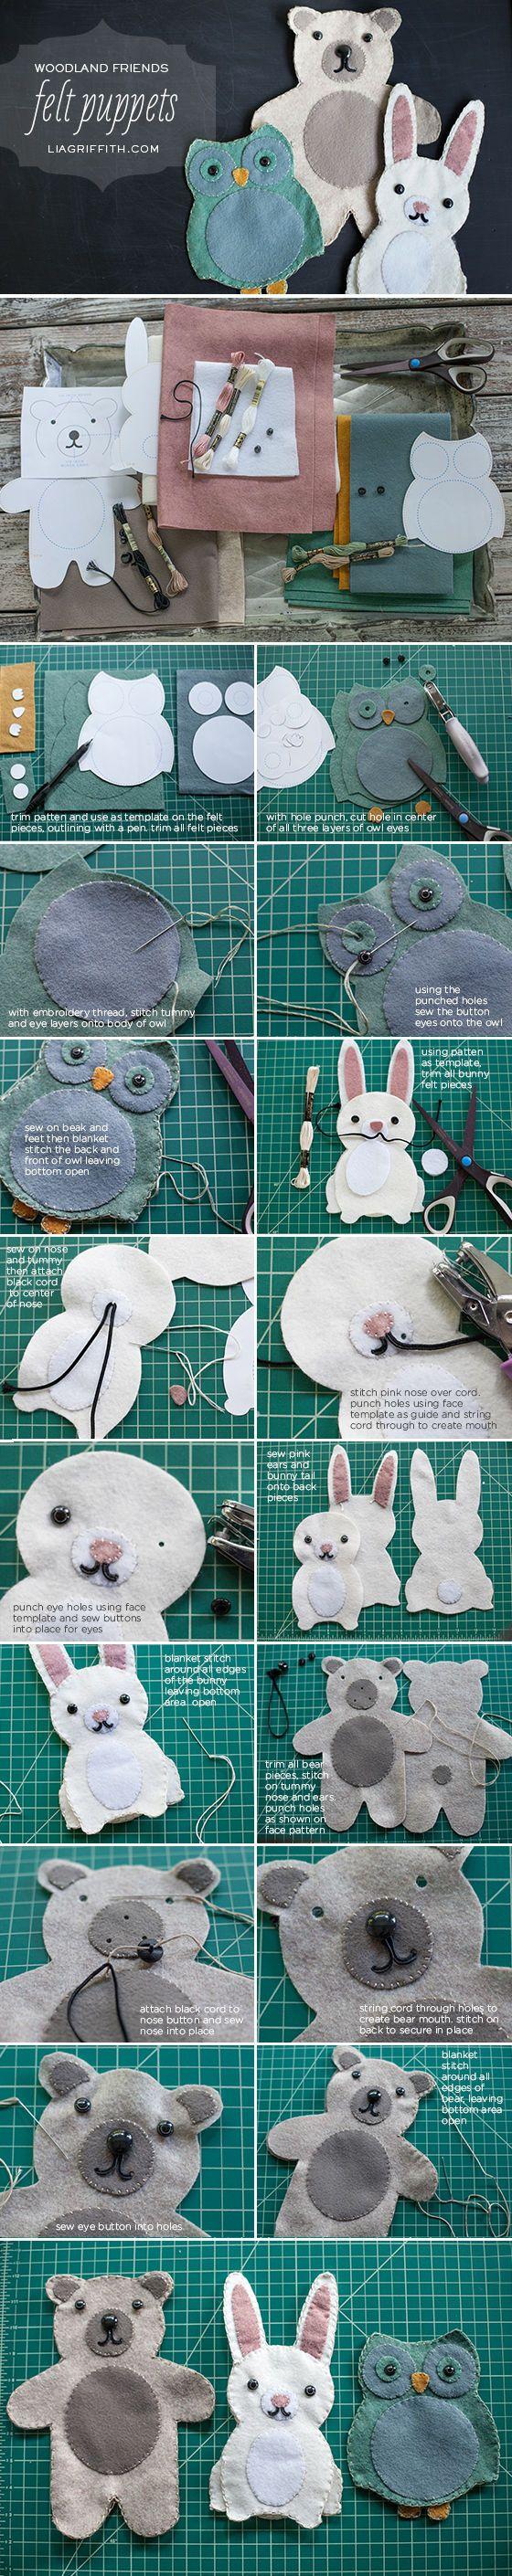 DIY Felt Puppets diy craft crafts easy crafts diy ideas diy crafts kids crafts easter crafts crafts for kids